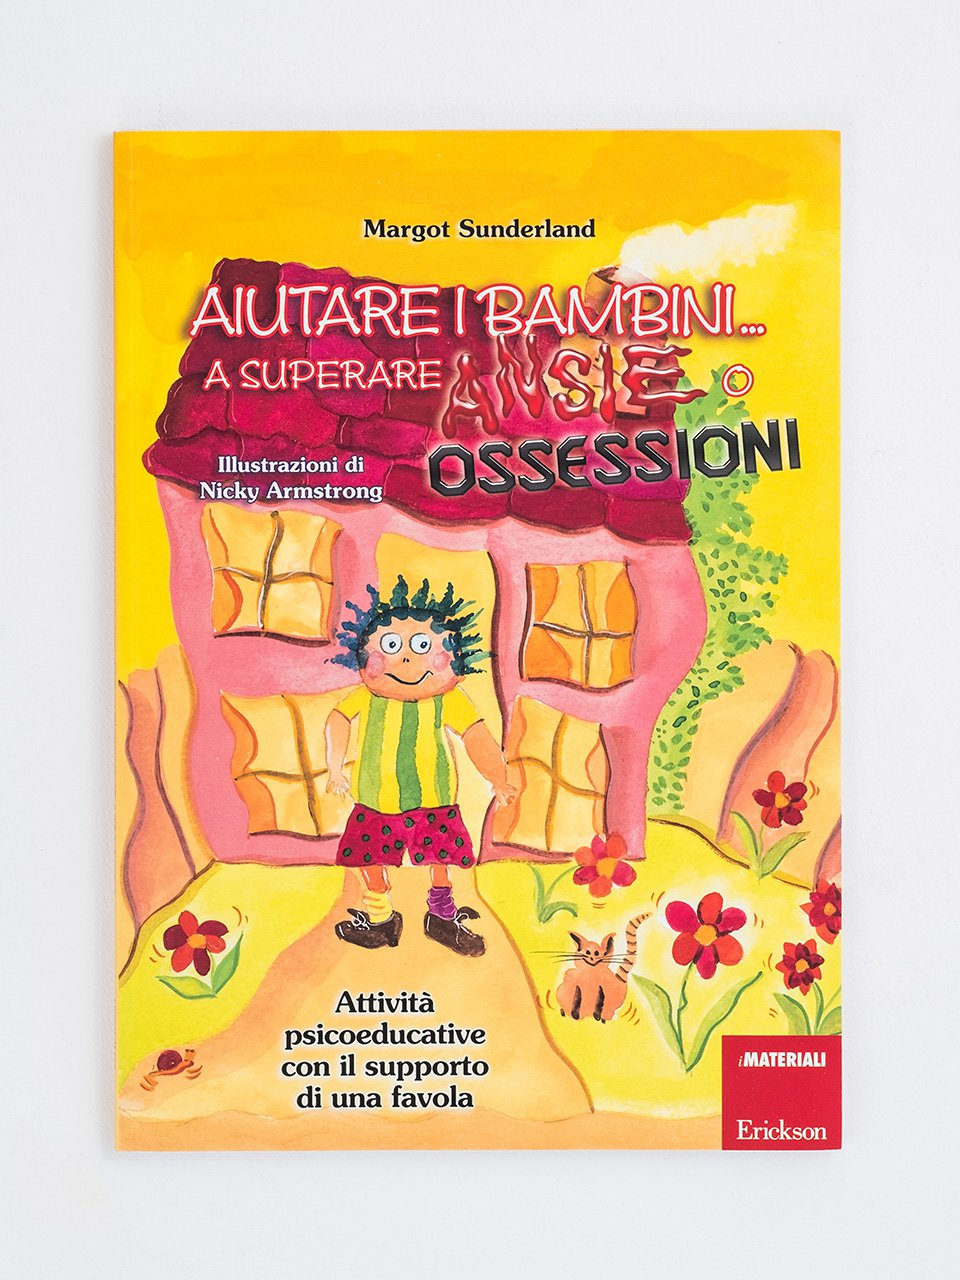 Aiutare i bambini... a superare ansie o ossessioni - Raccontare storie aiuta i bambini - Libri - Erickson